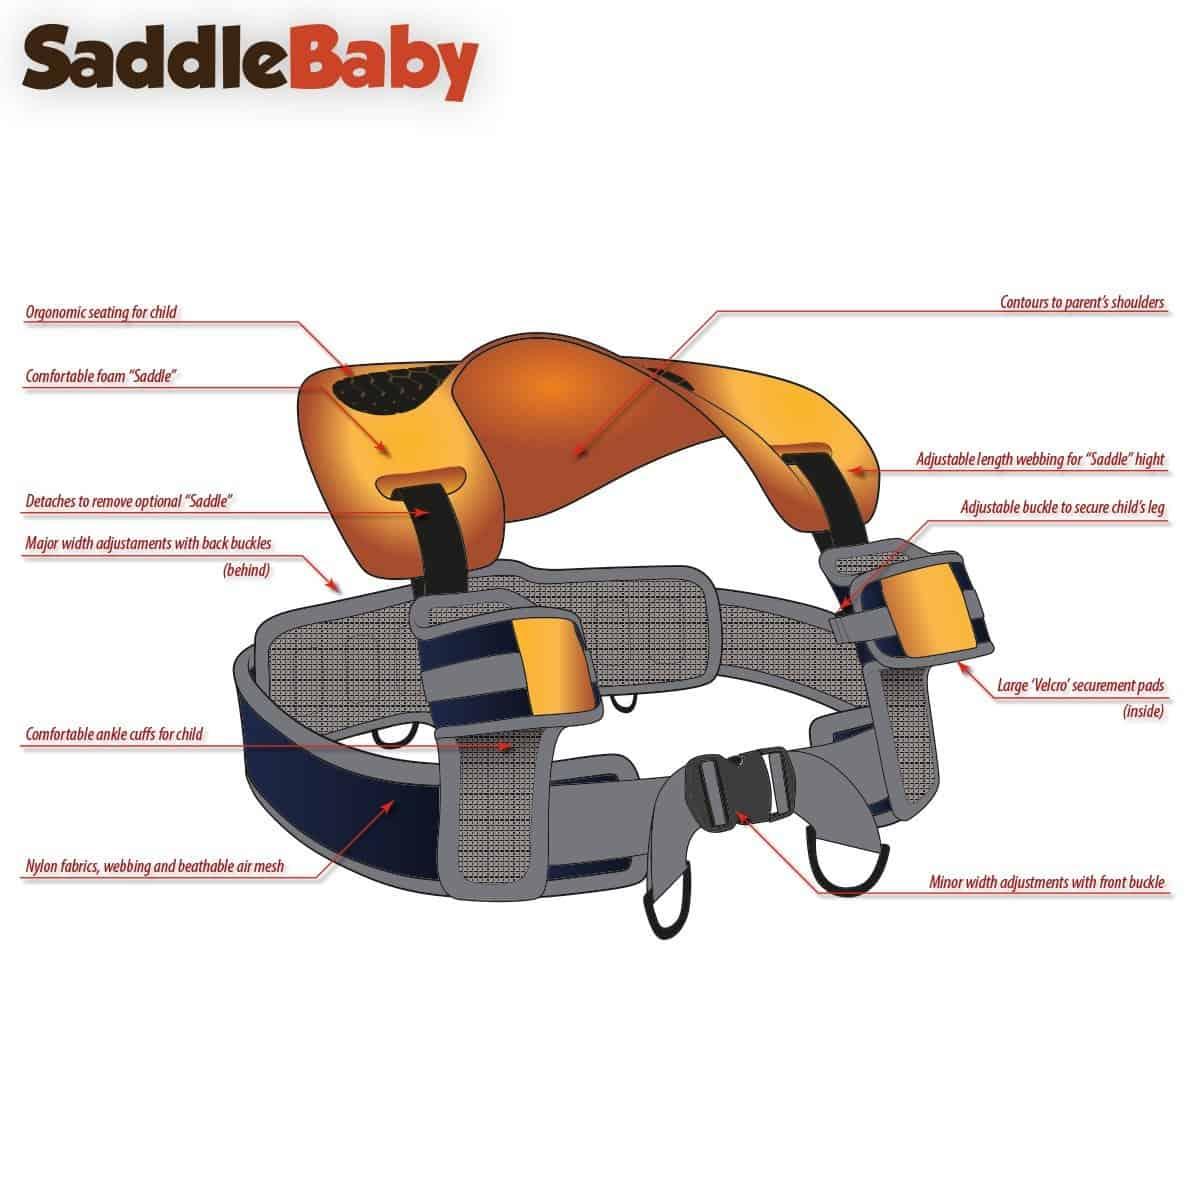 SaddleBaby Shoulder Carrier Diagram and Velcro Adjustments